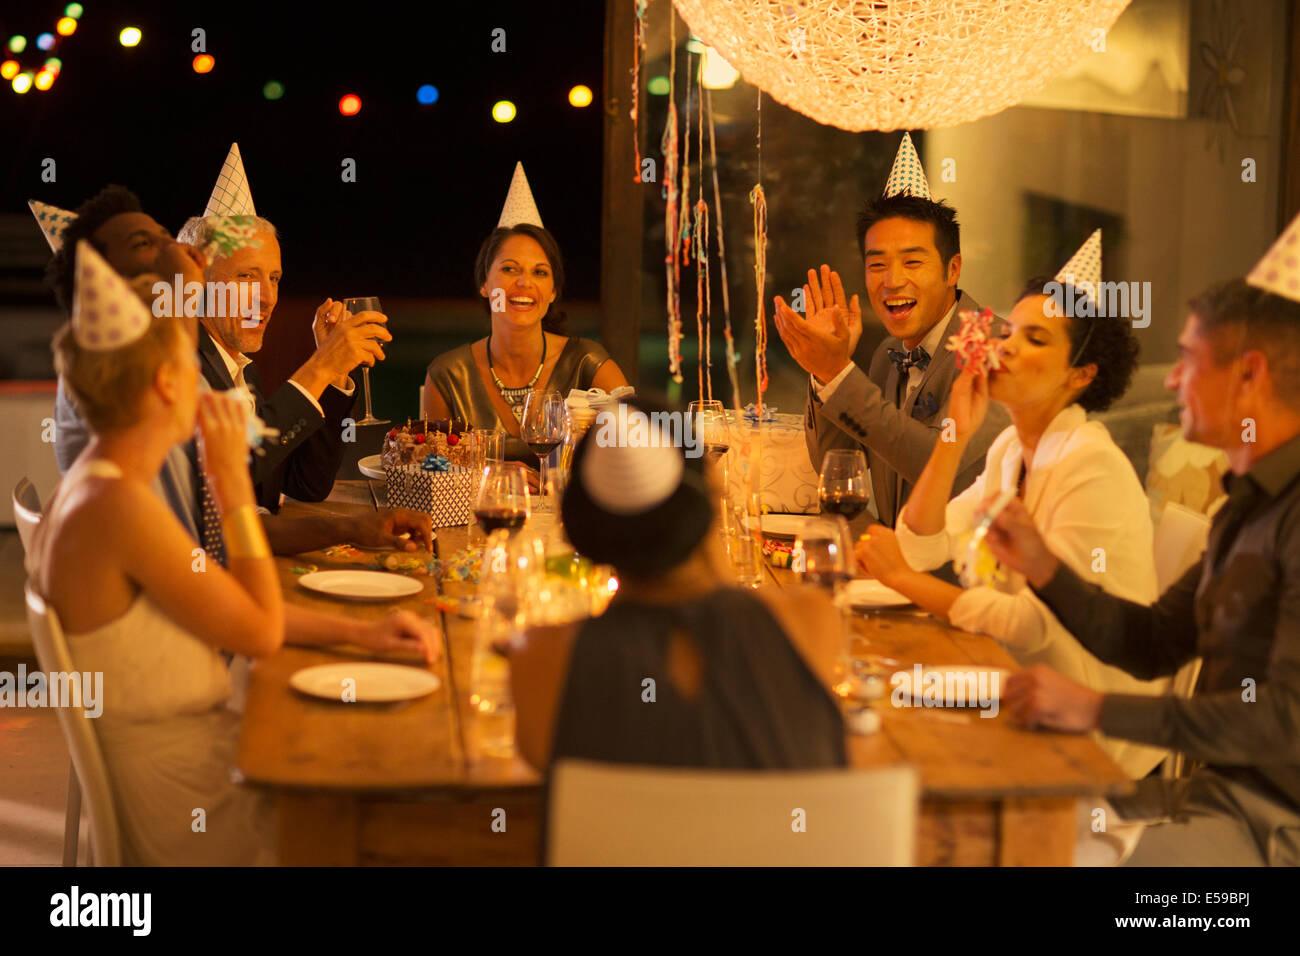 Amigos vitoreando en fiesta de cumpleaños Imagen De Stock